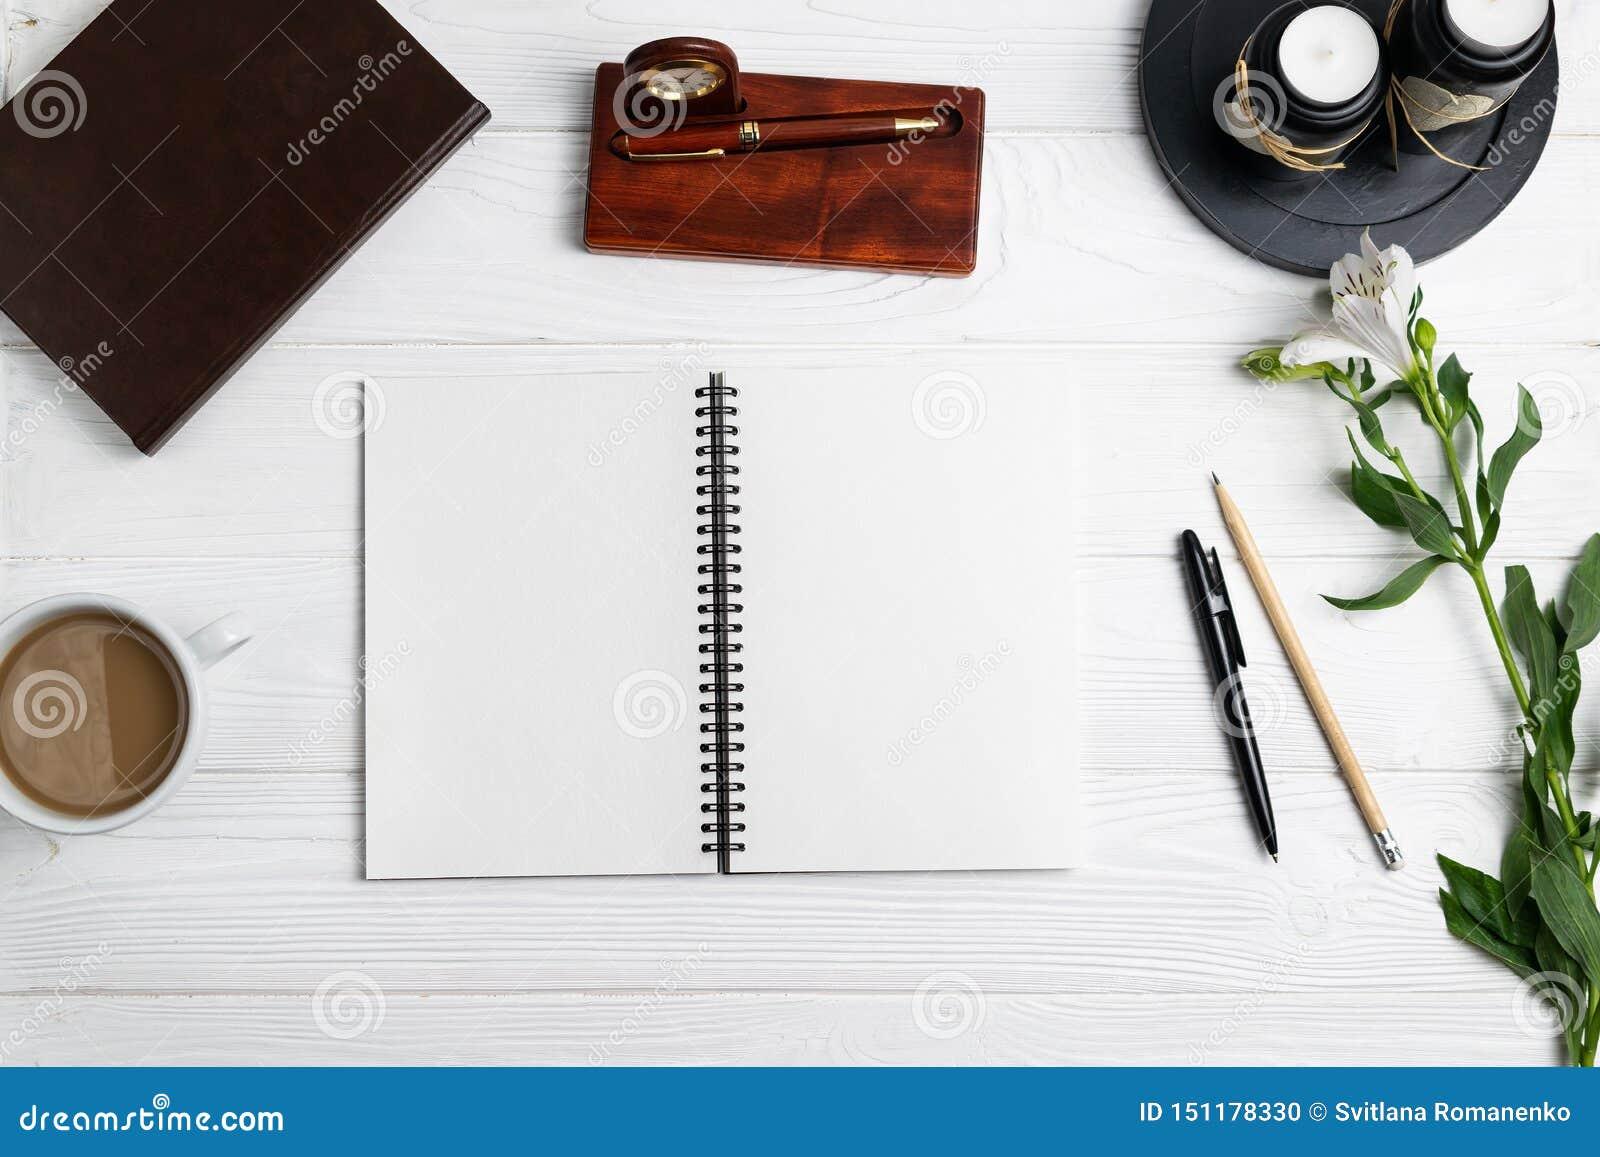 Sammansättning med blommor för kaffe för blyertspenna för penna för anteckningsbok för kontorsutbildning stationära